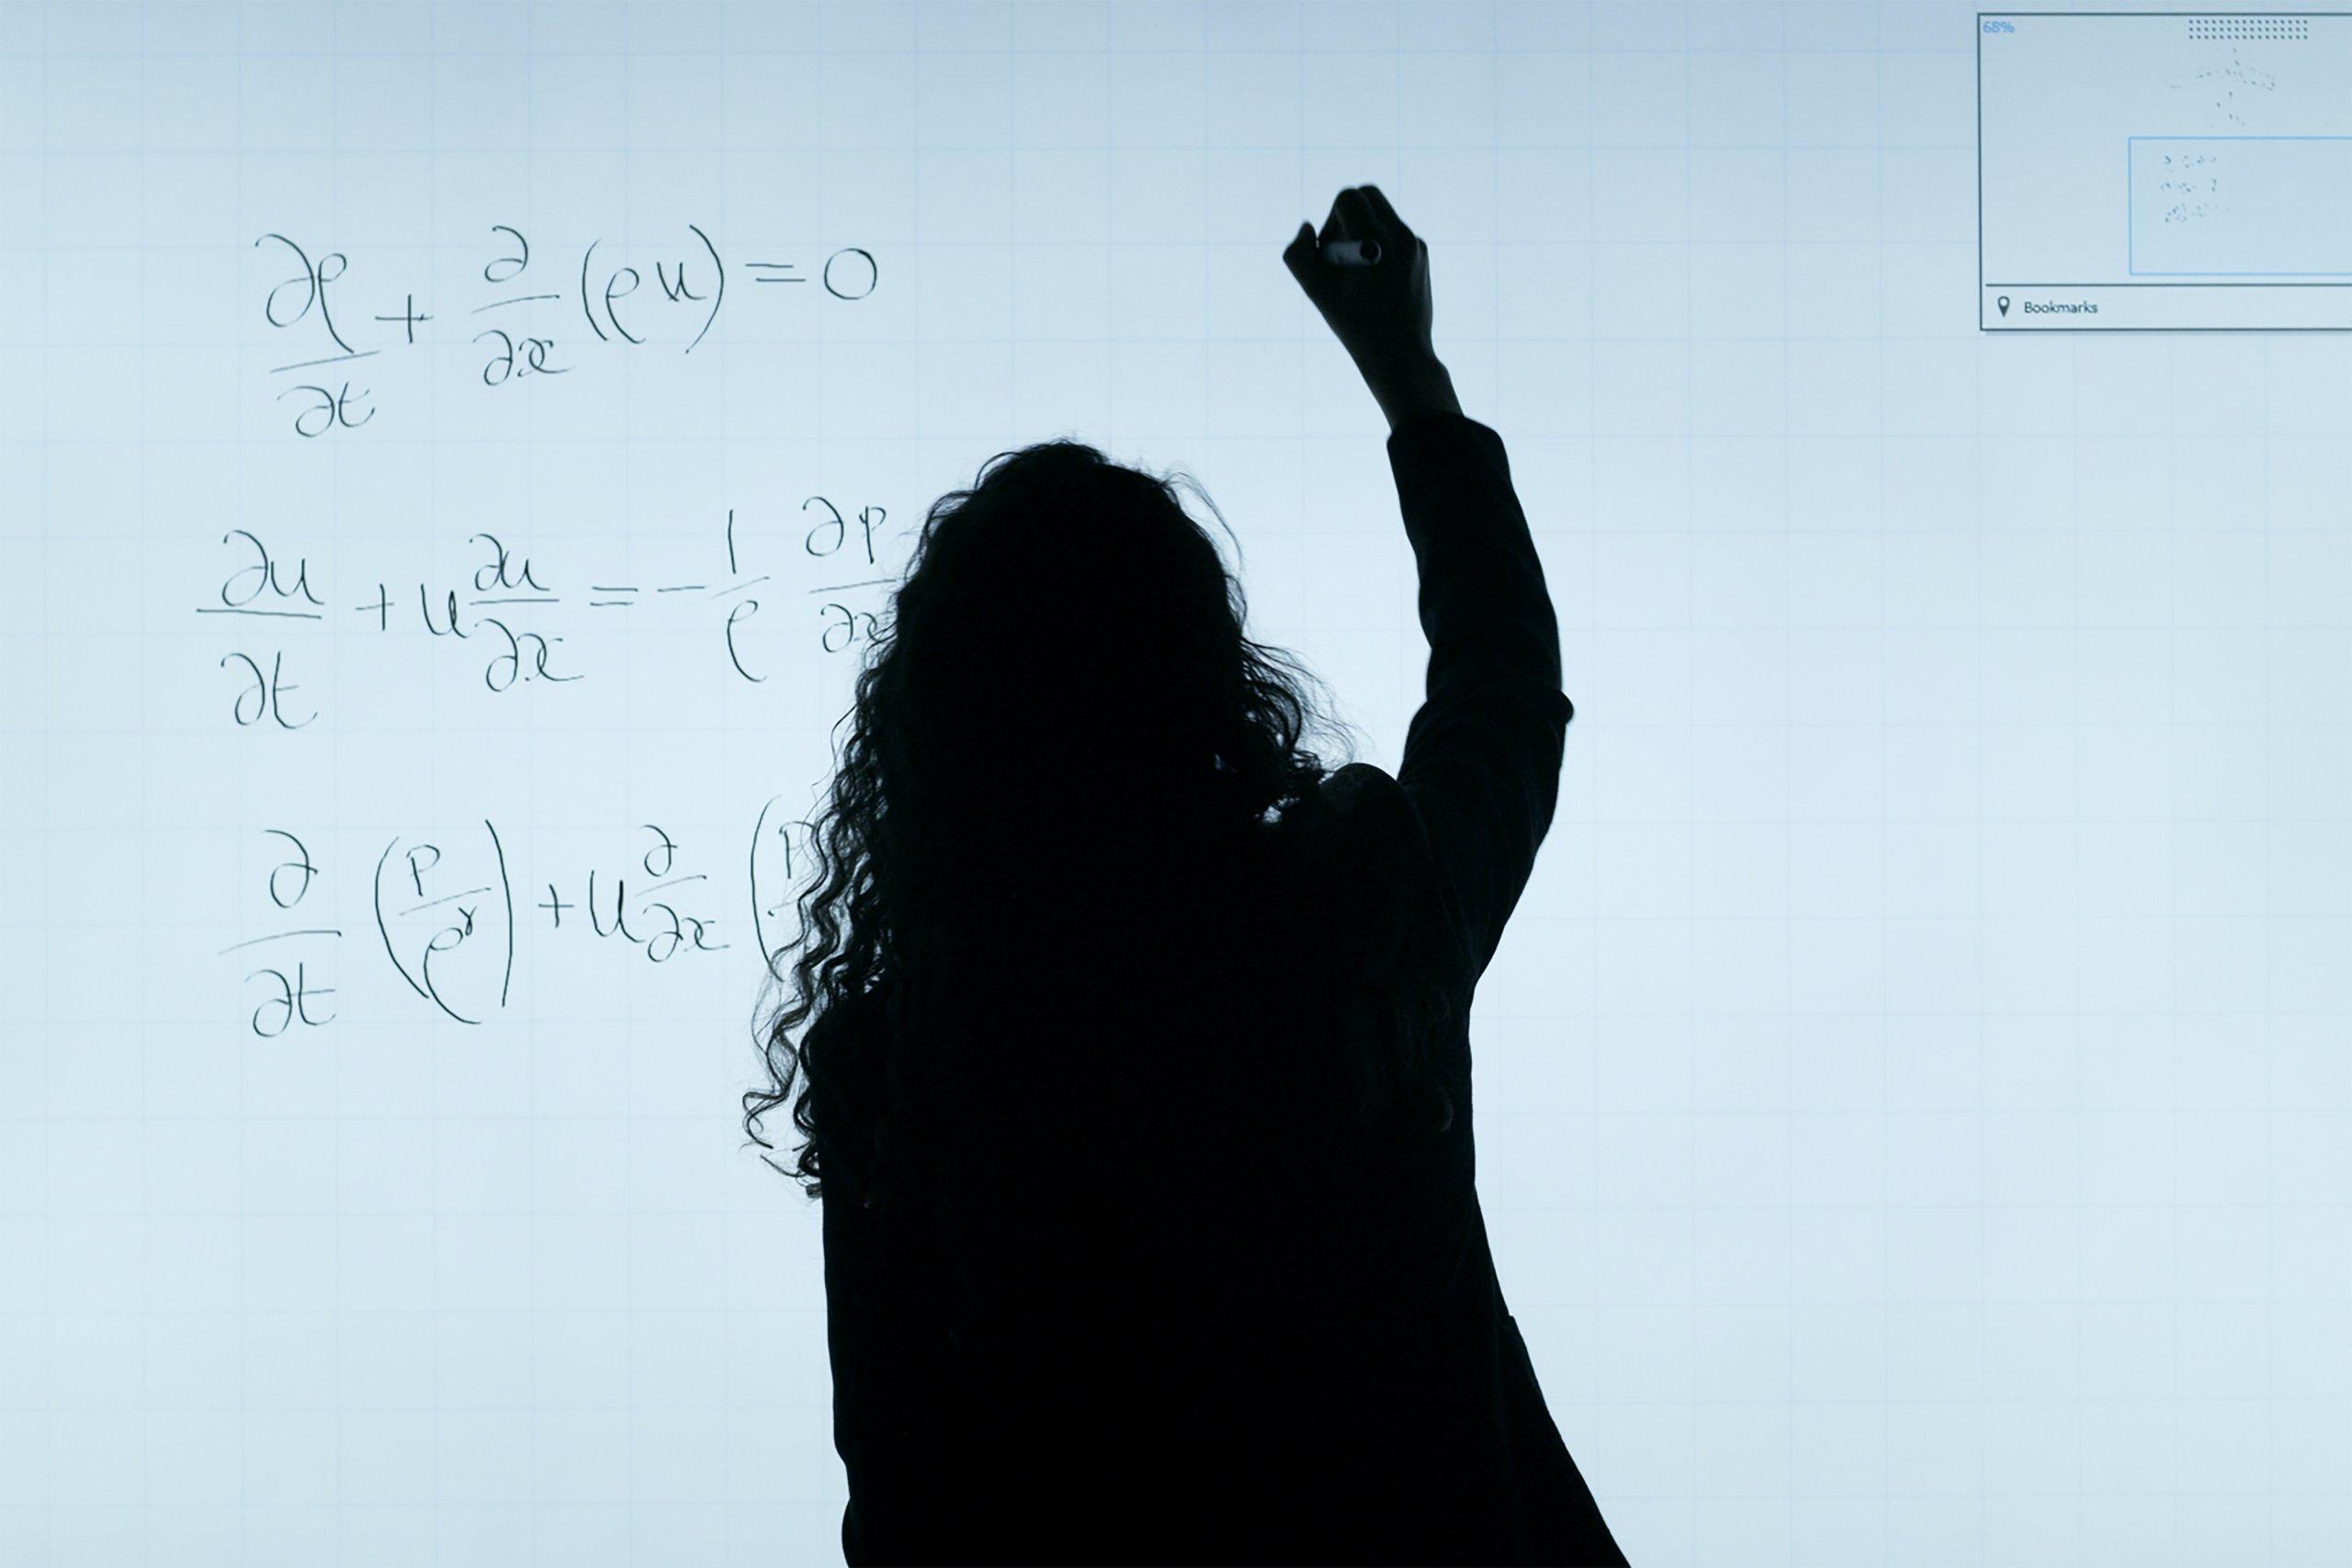 Prijetnje učiteljici zbog manje ocjene: Roditelji zahtijevali peticu jer je njihovo dijete 'savršeno'